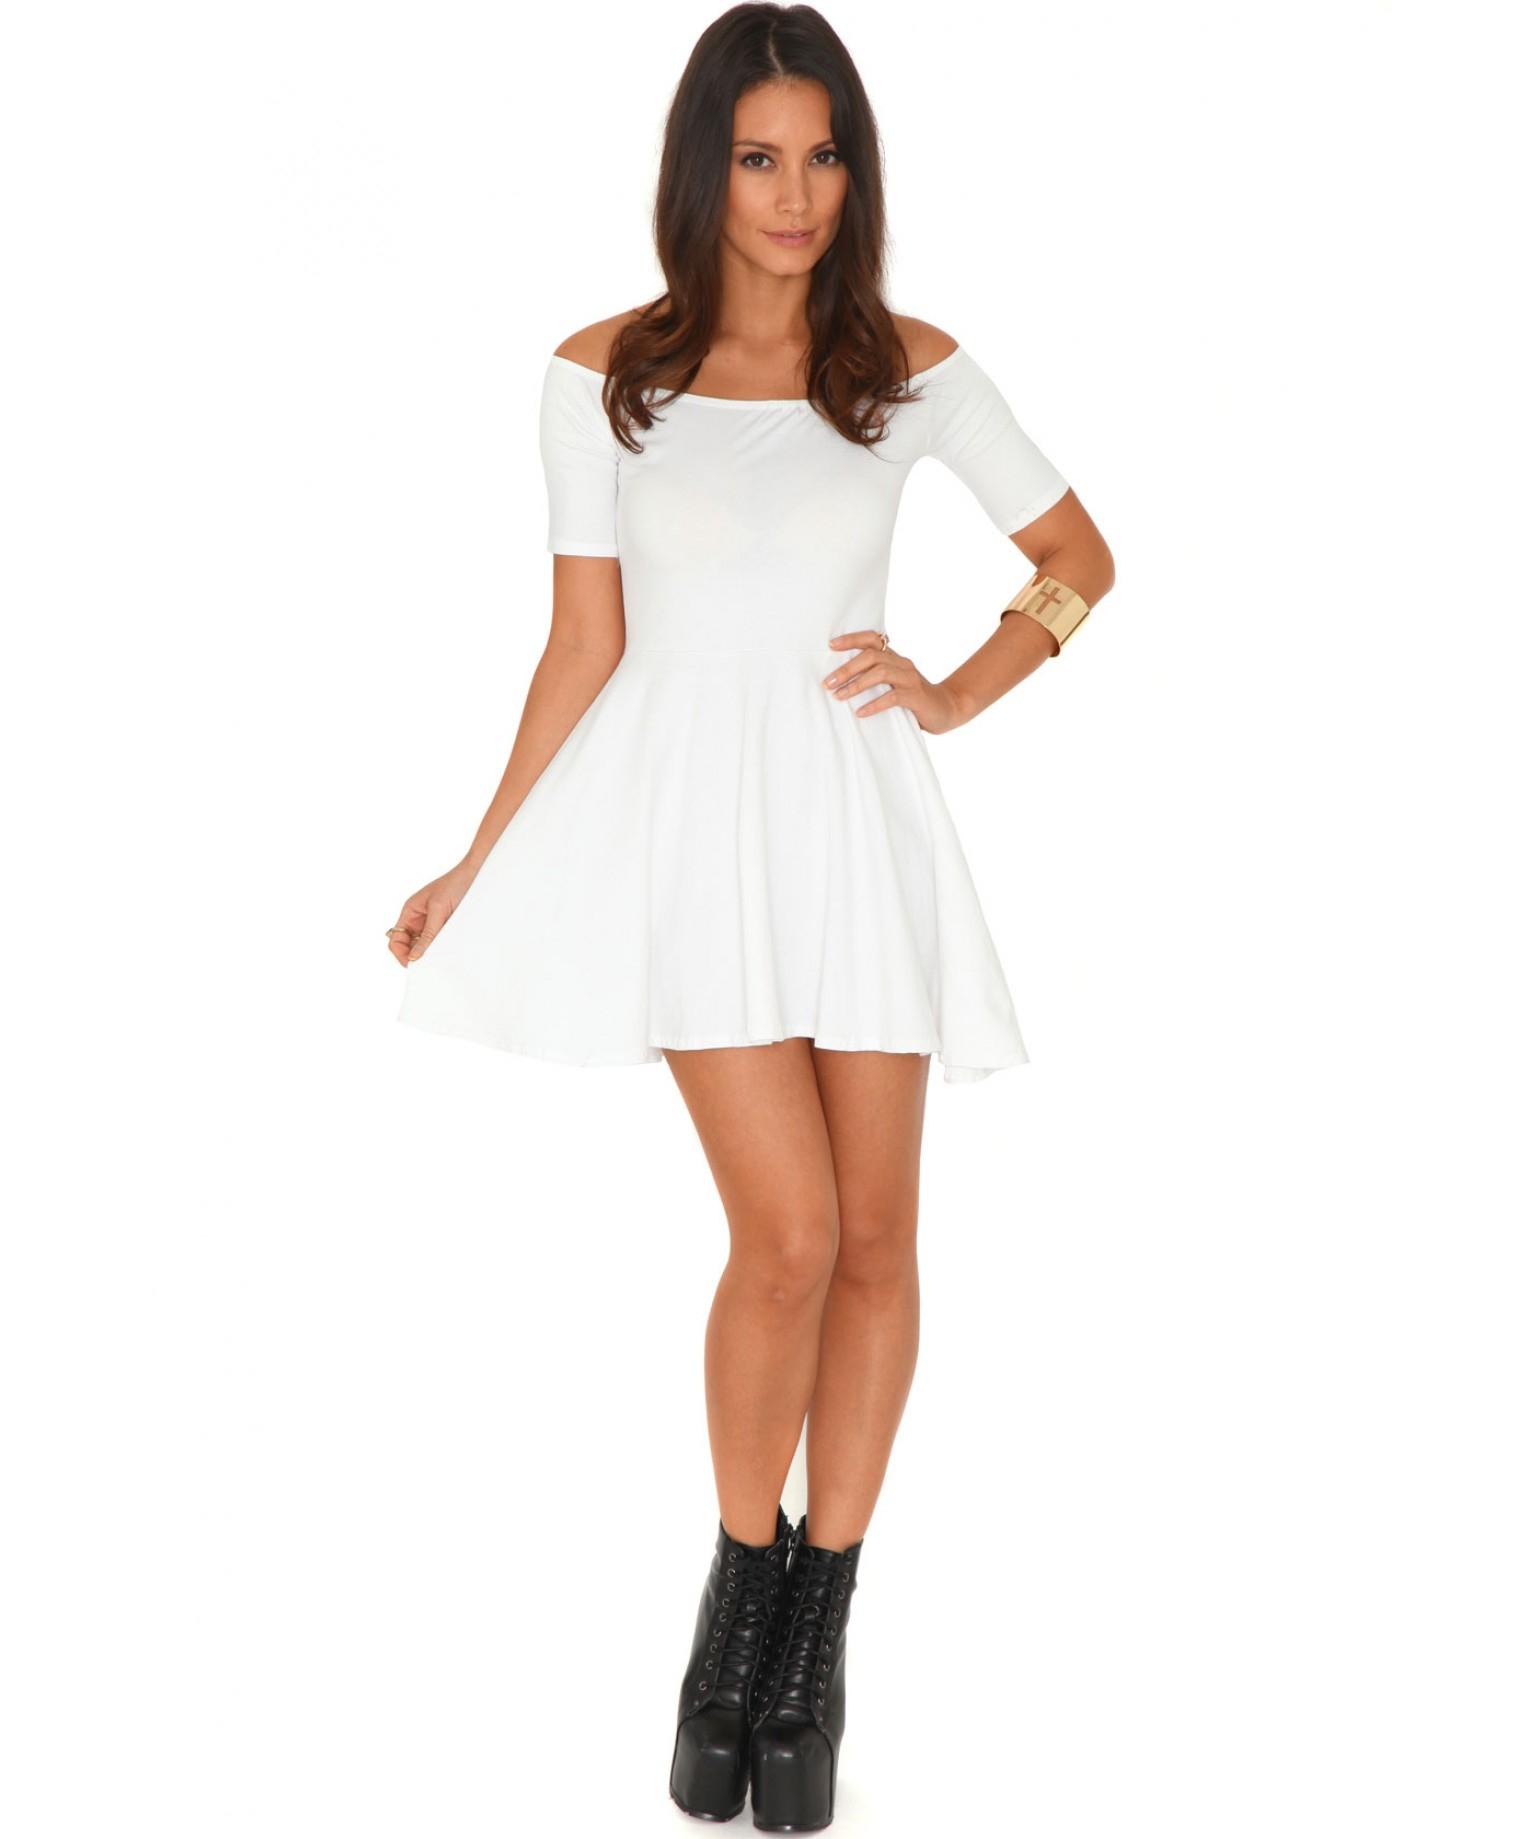 Missguided Mirabela Value Bardot Skater Dress In White in White   Lyst